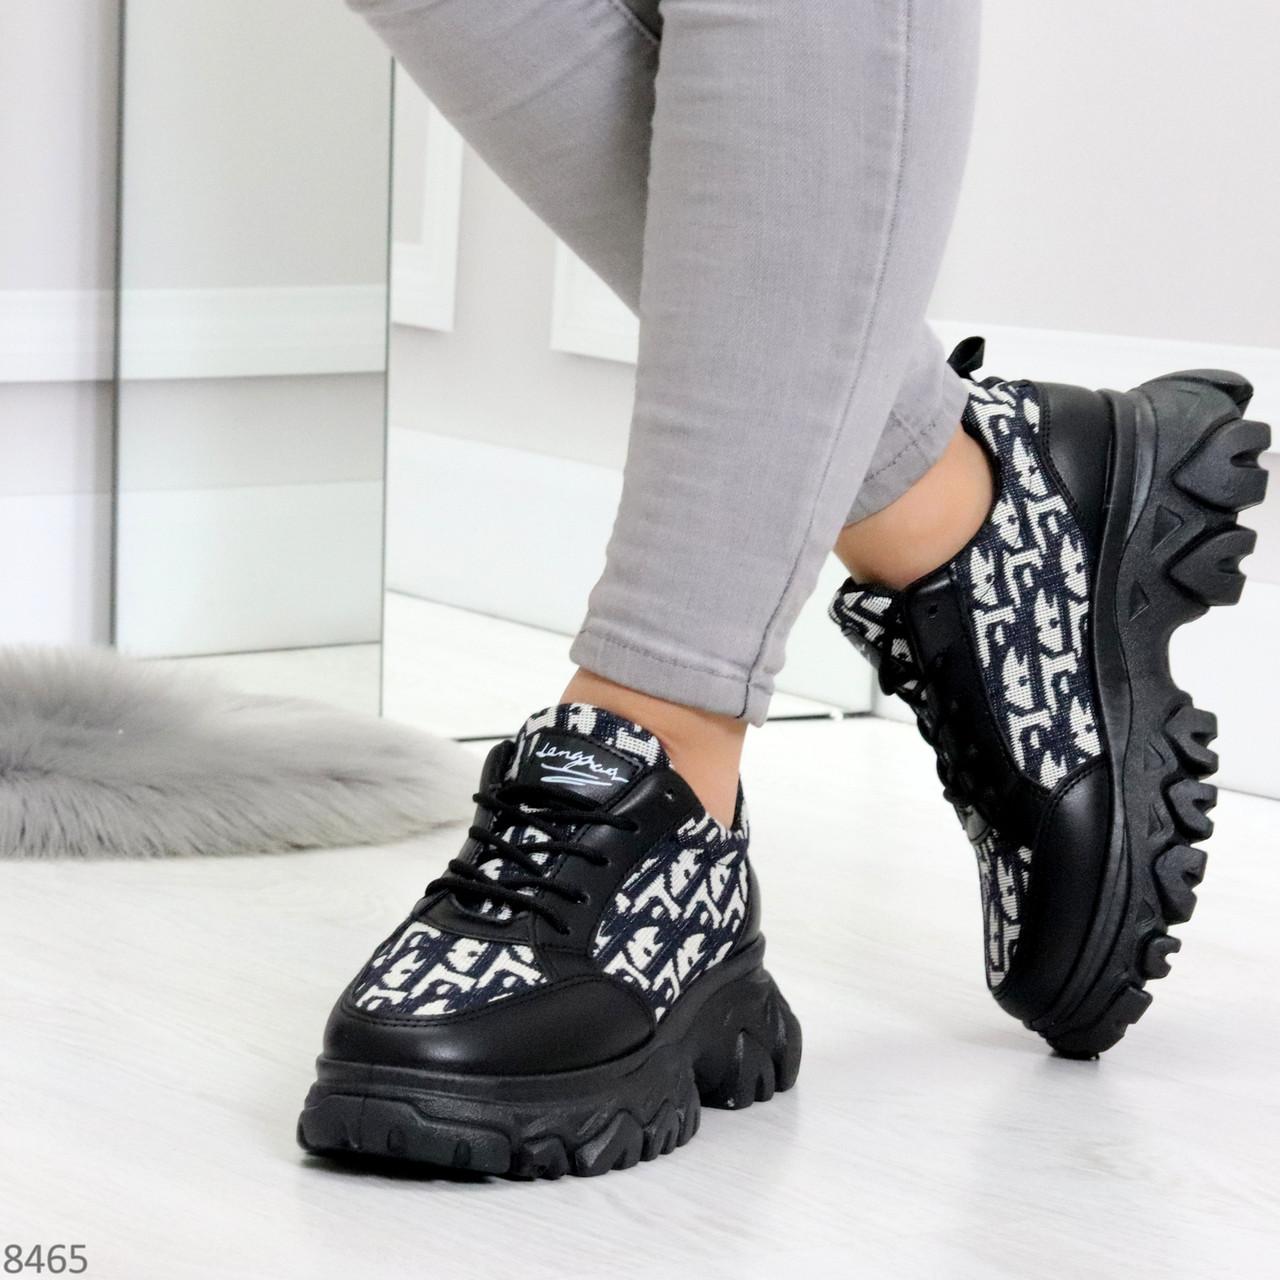 Эффектные миксовые черные женские кроссовки сникерсы на шнуровке